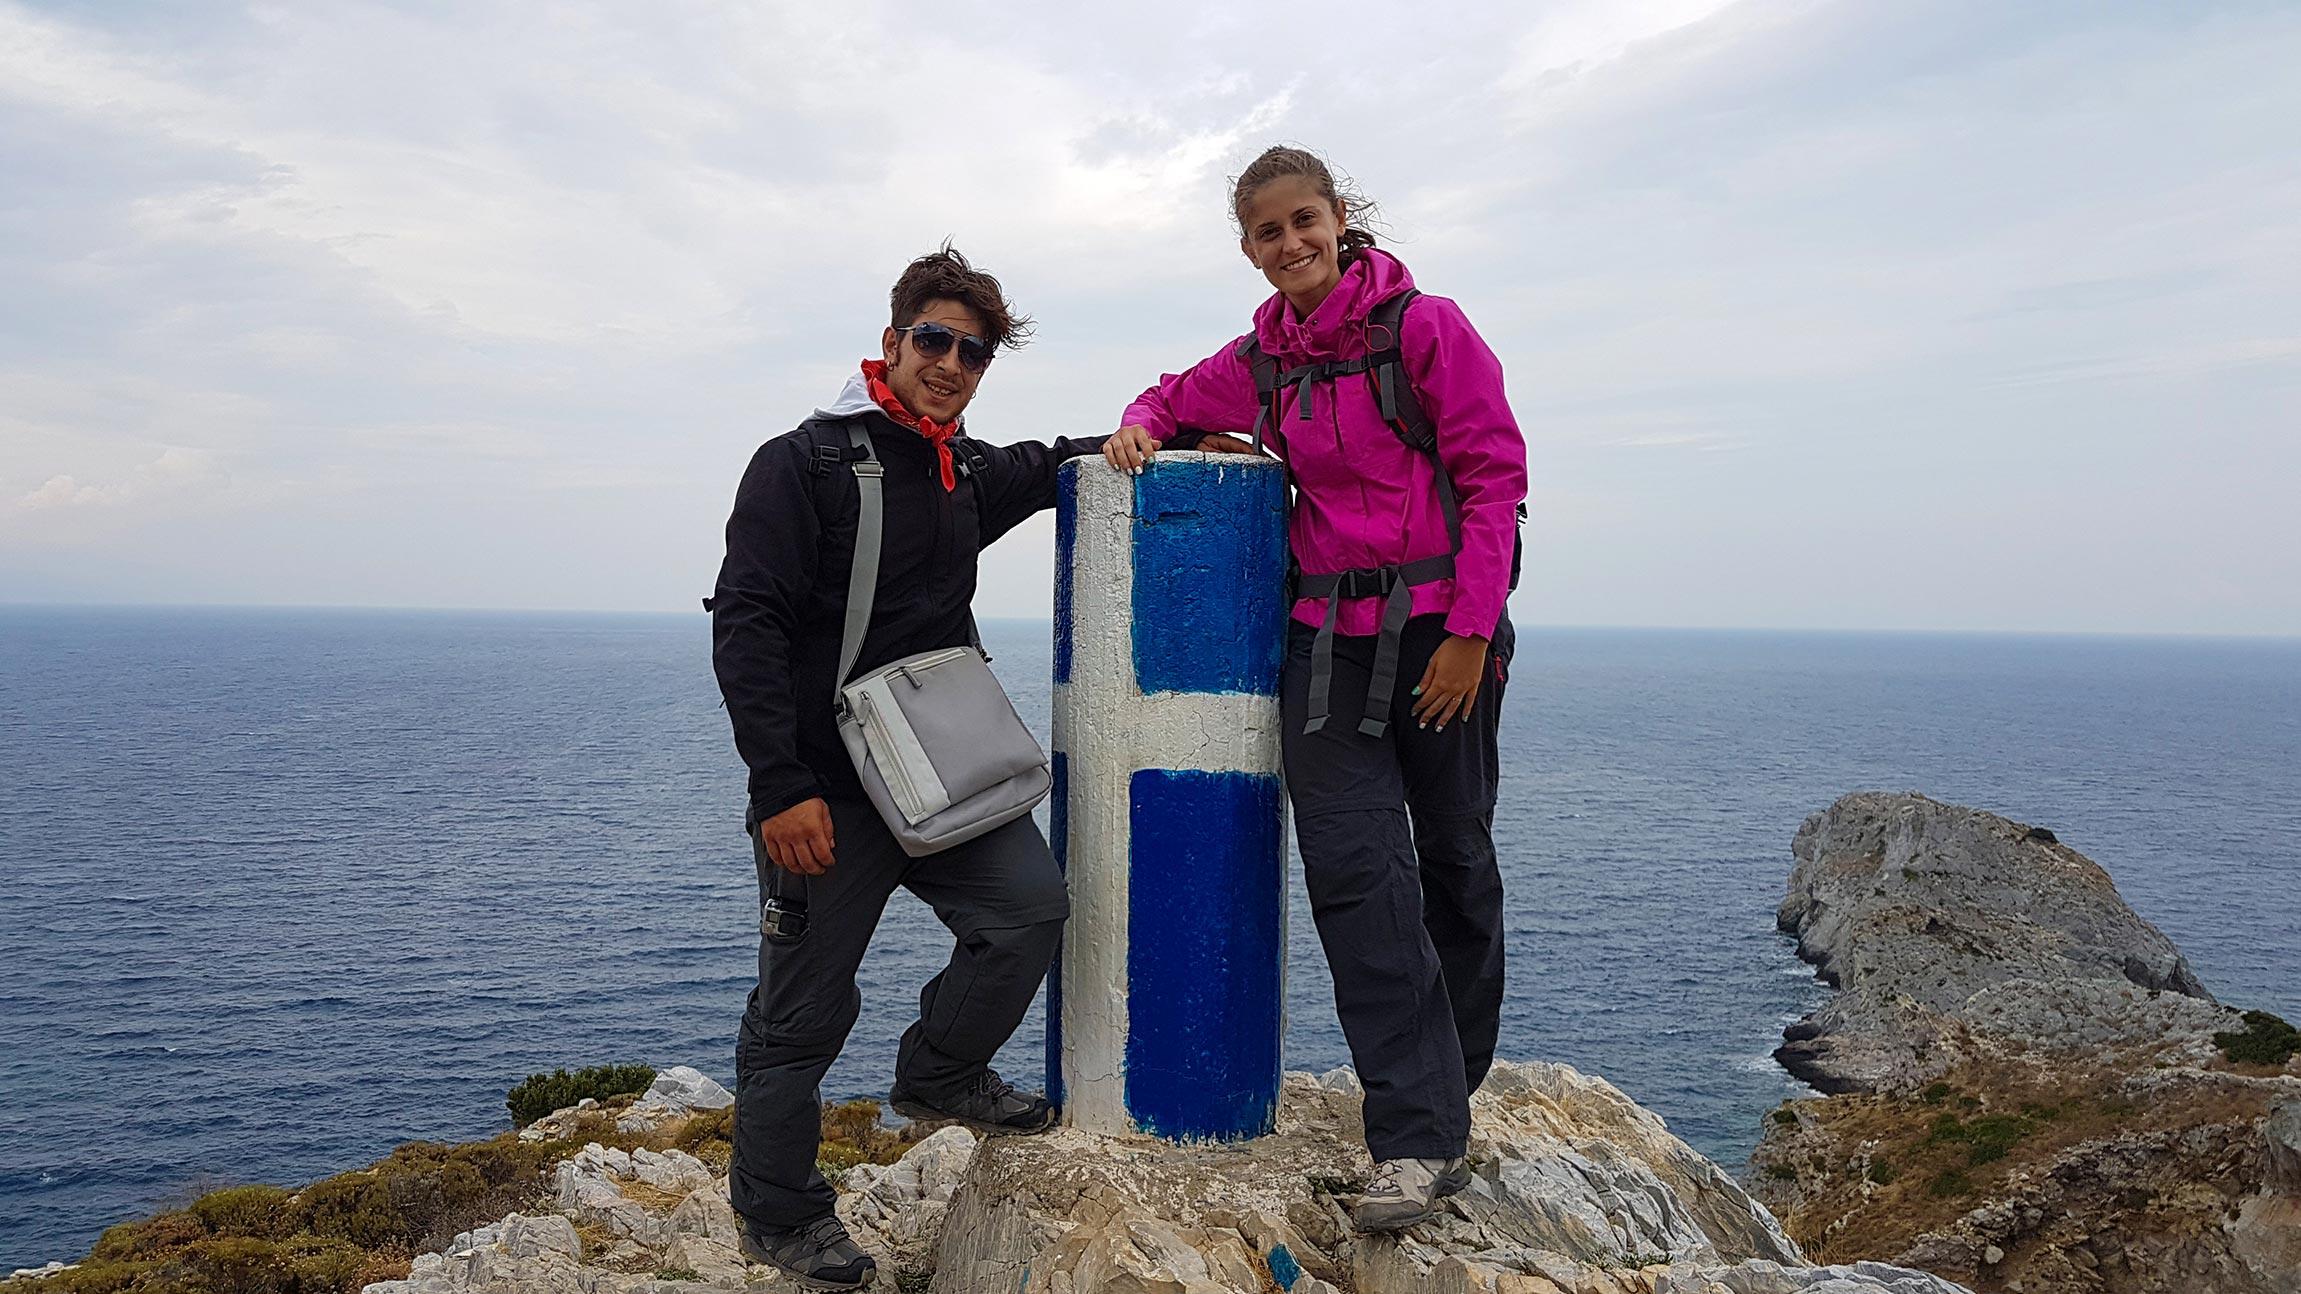 Cosa fare a Skiathos: avventurarsi tra i sentieri naturalistici